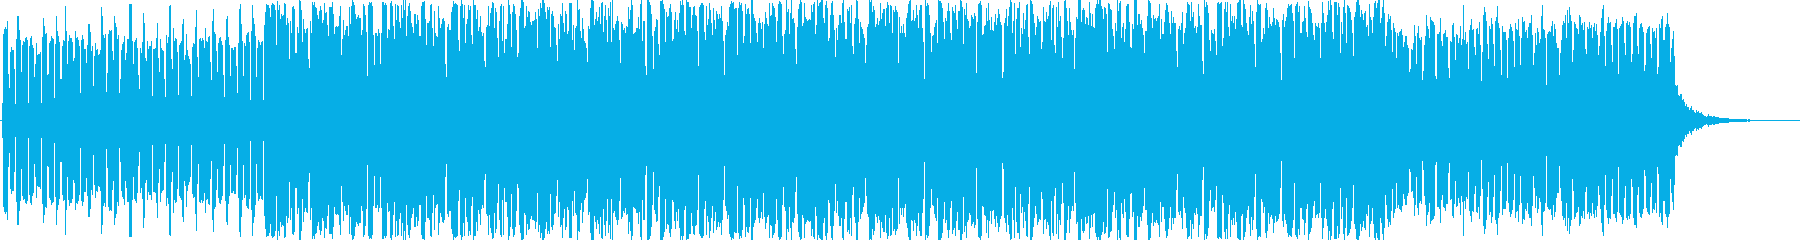 コーラスが独特な世界観のダークな楽曲の再生済みの波形